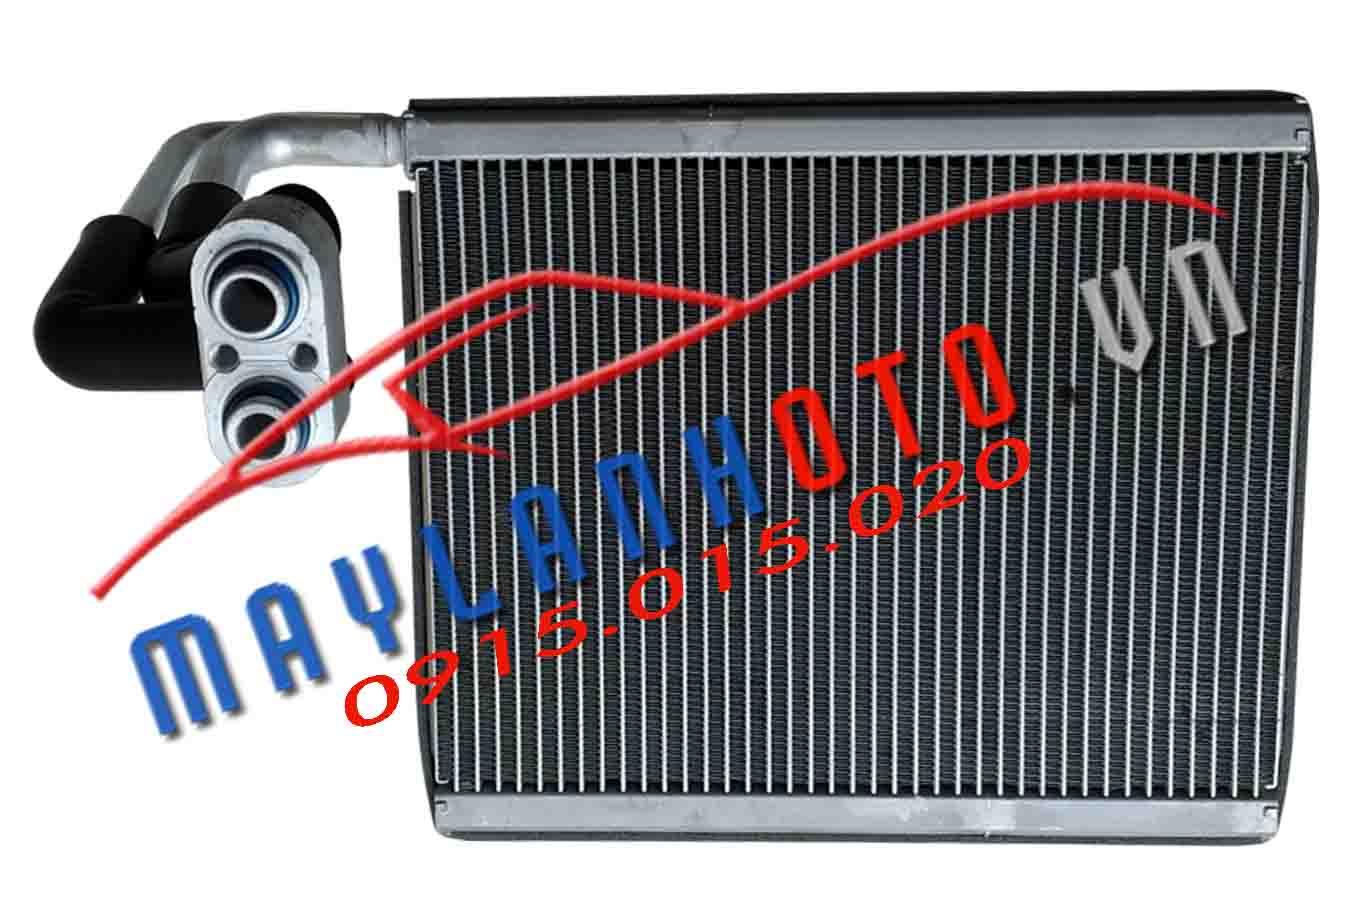 Hyundai i20 08-14 / Dàn lạnh Hyundai i20 2008-2014 / Giàn lạnh Hyundai i20 2008-2014